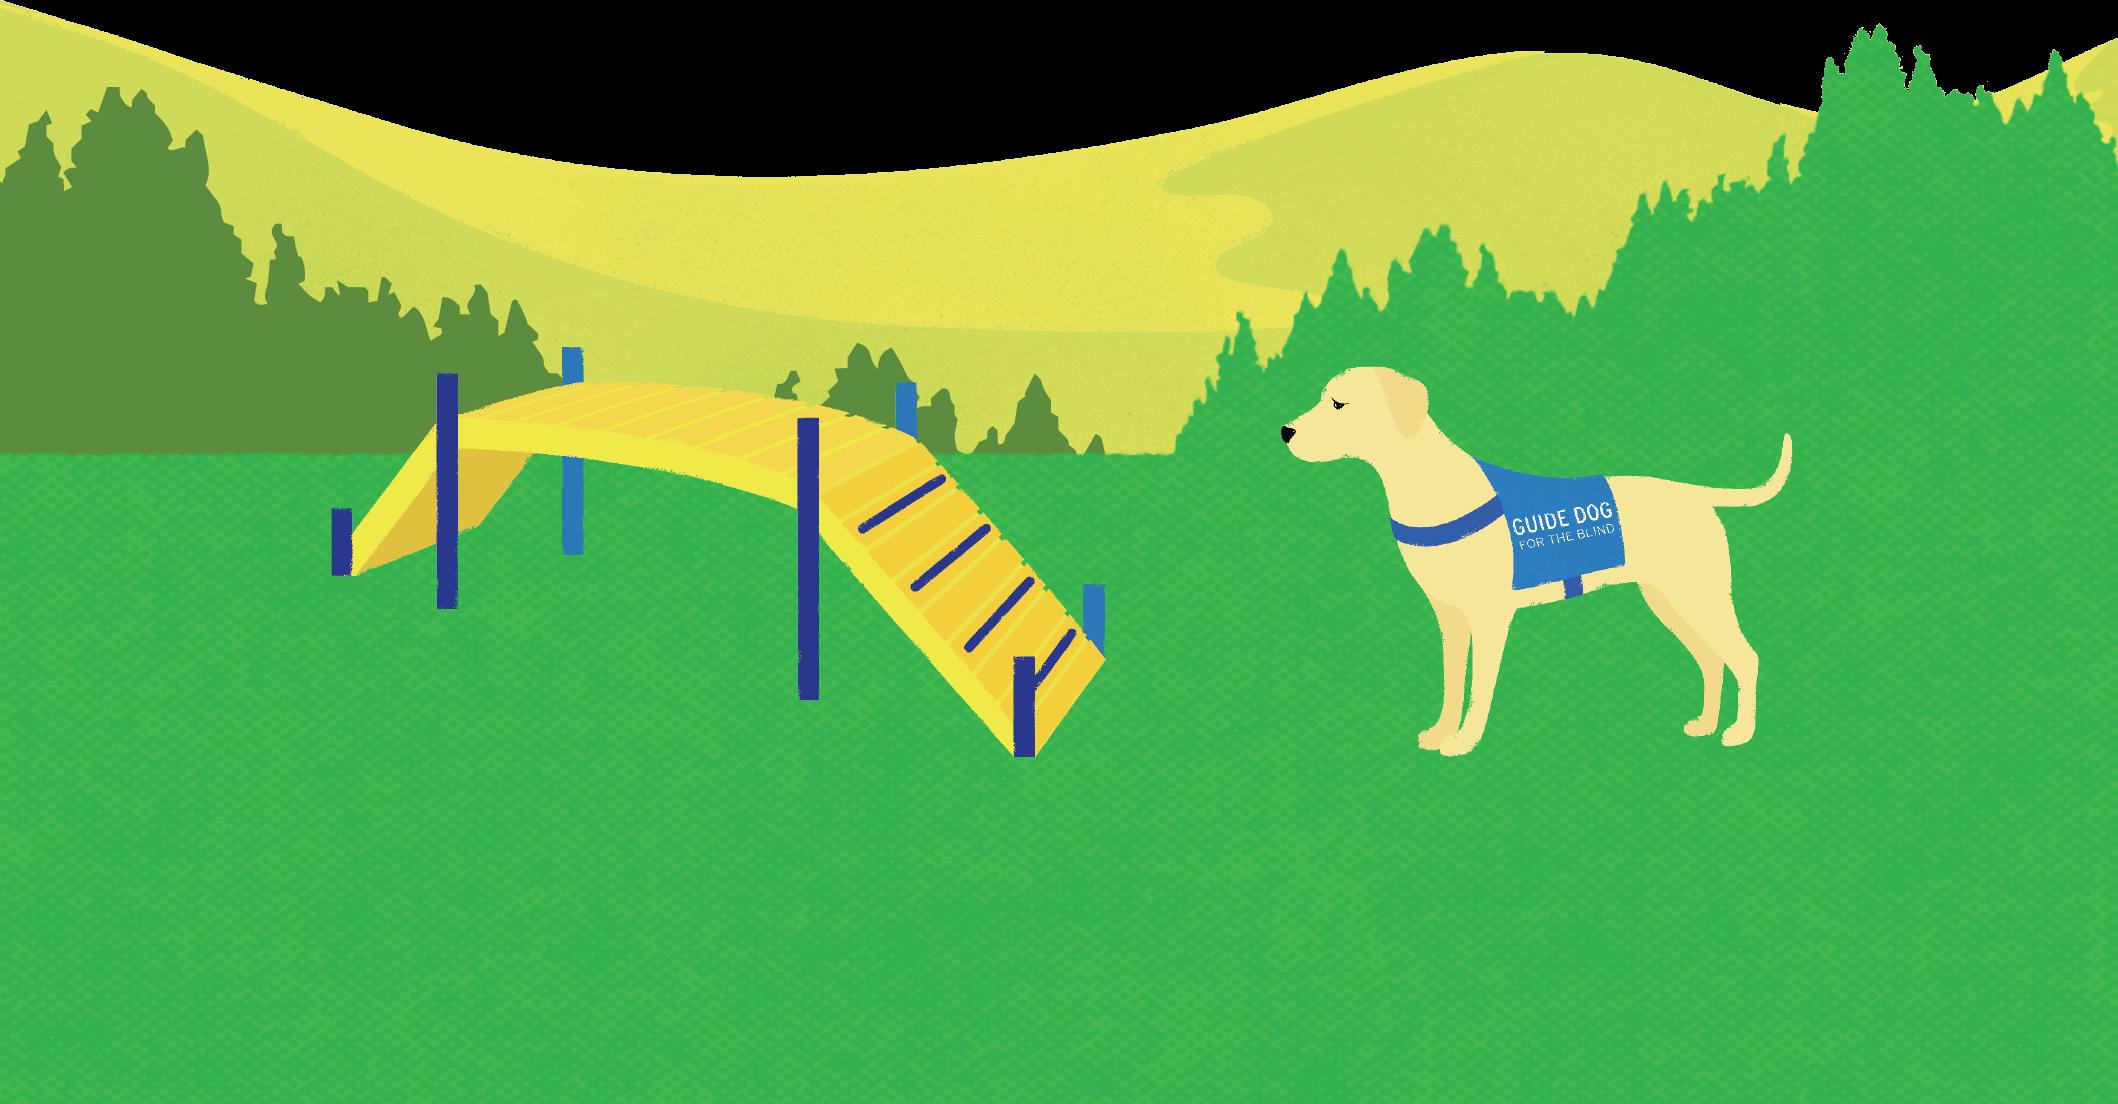 dog bridge image